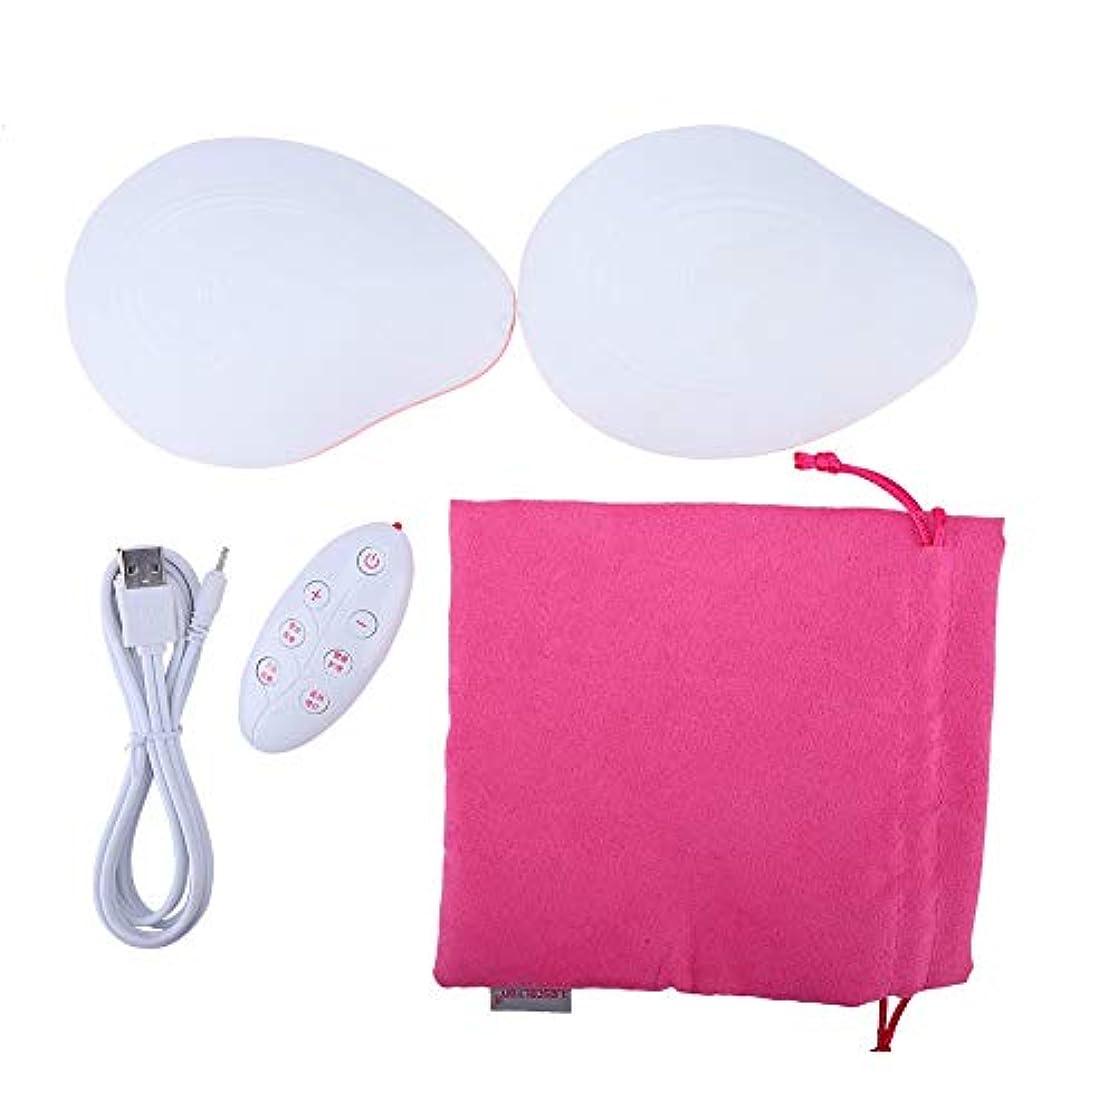 胸の拡大のマッサージャー、胸の拡大のためのUSBの電気振動のバストの上昇の増強物機械(#1)